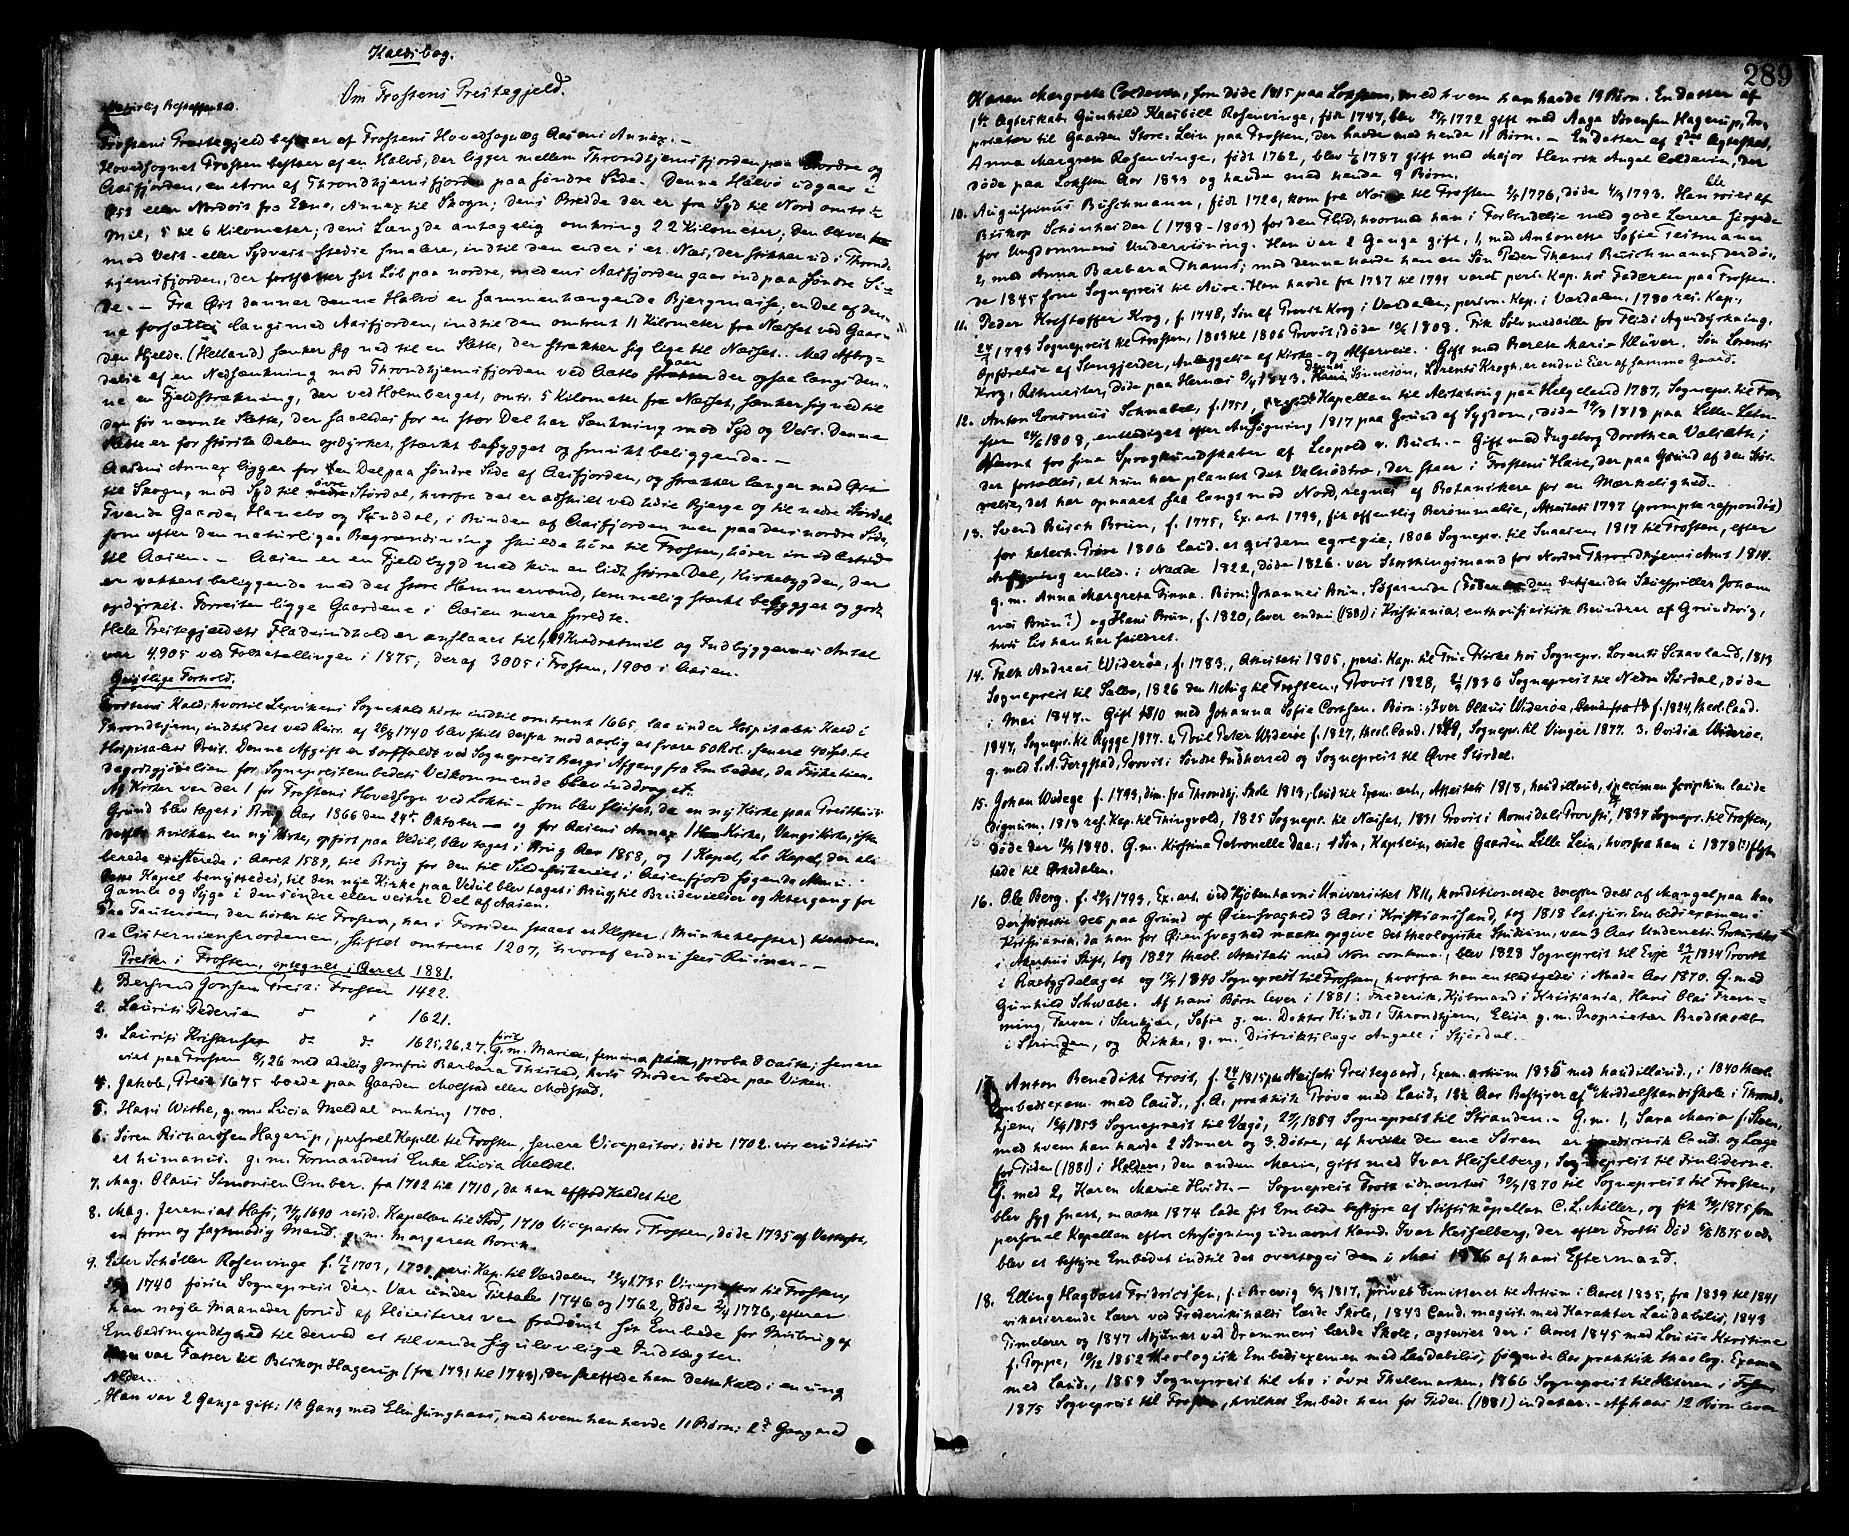 SAT, Ministerialprotokoller, klokkerbøker og fødselsregistre - Nord-Trøndelag, 713/L0120: Ministerialbok nr. 713A09, 1878-1887, s. 289